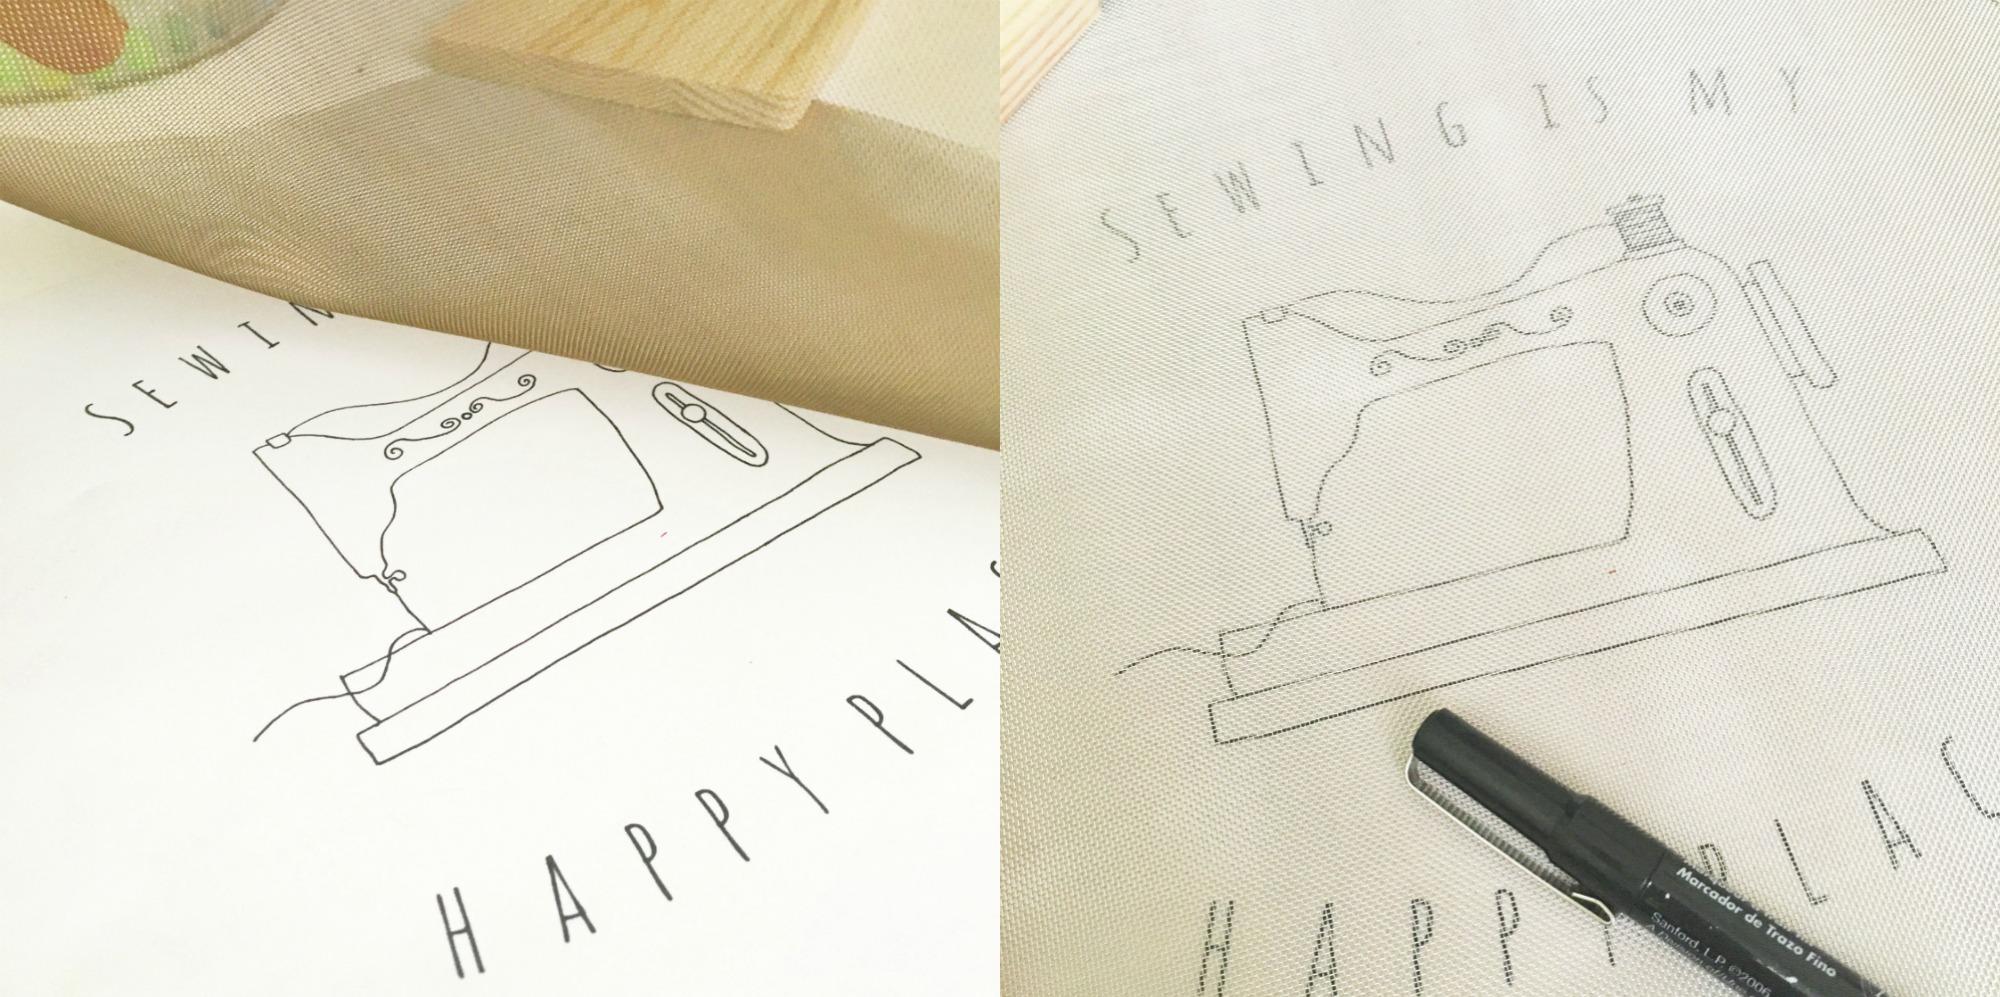 Sewing Machine stitching pattern by U Create